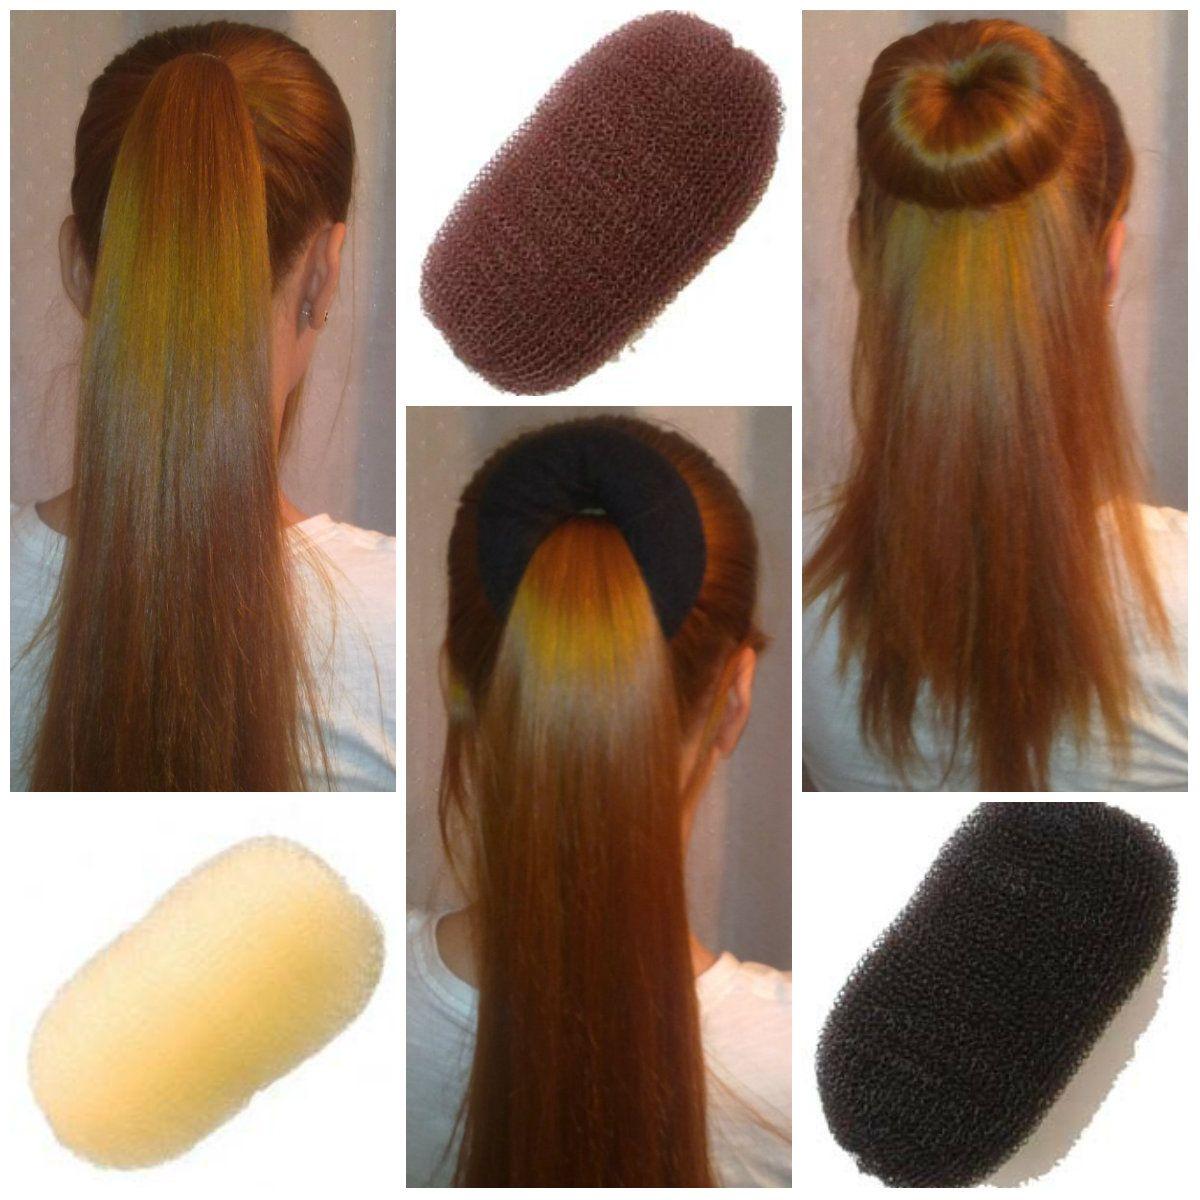 валик для волос как пользоваться с фото разделе